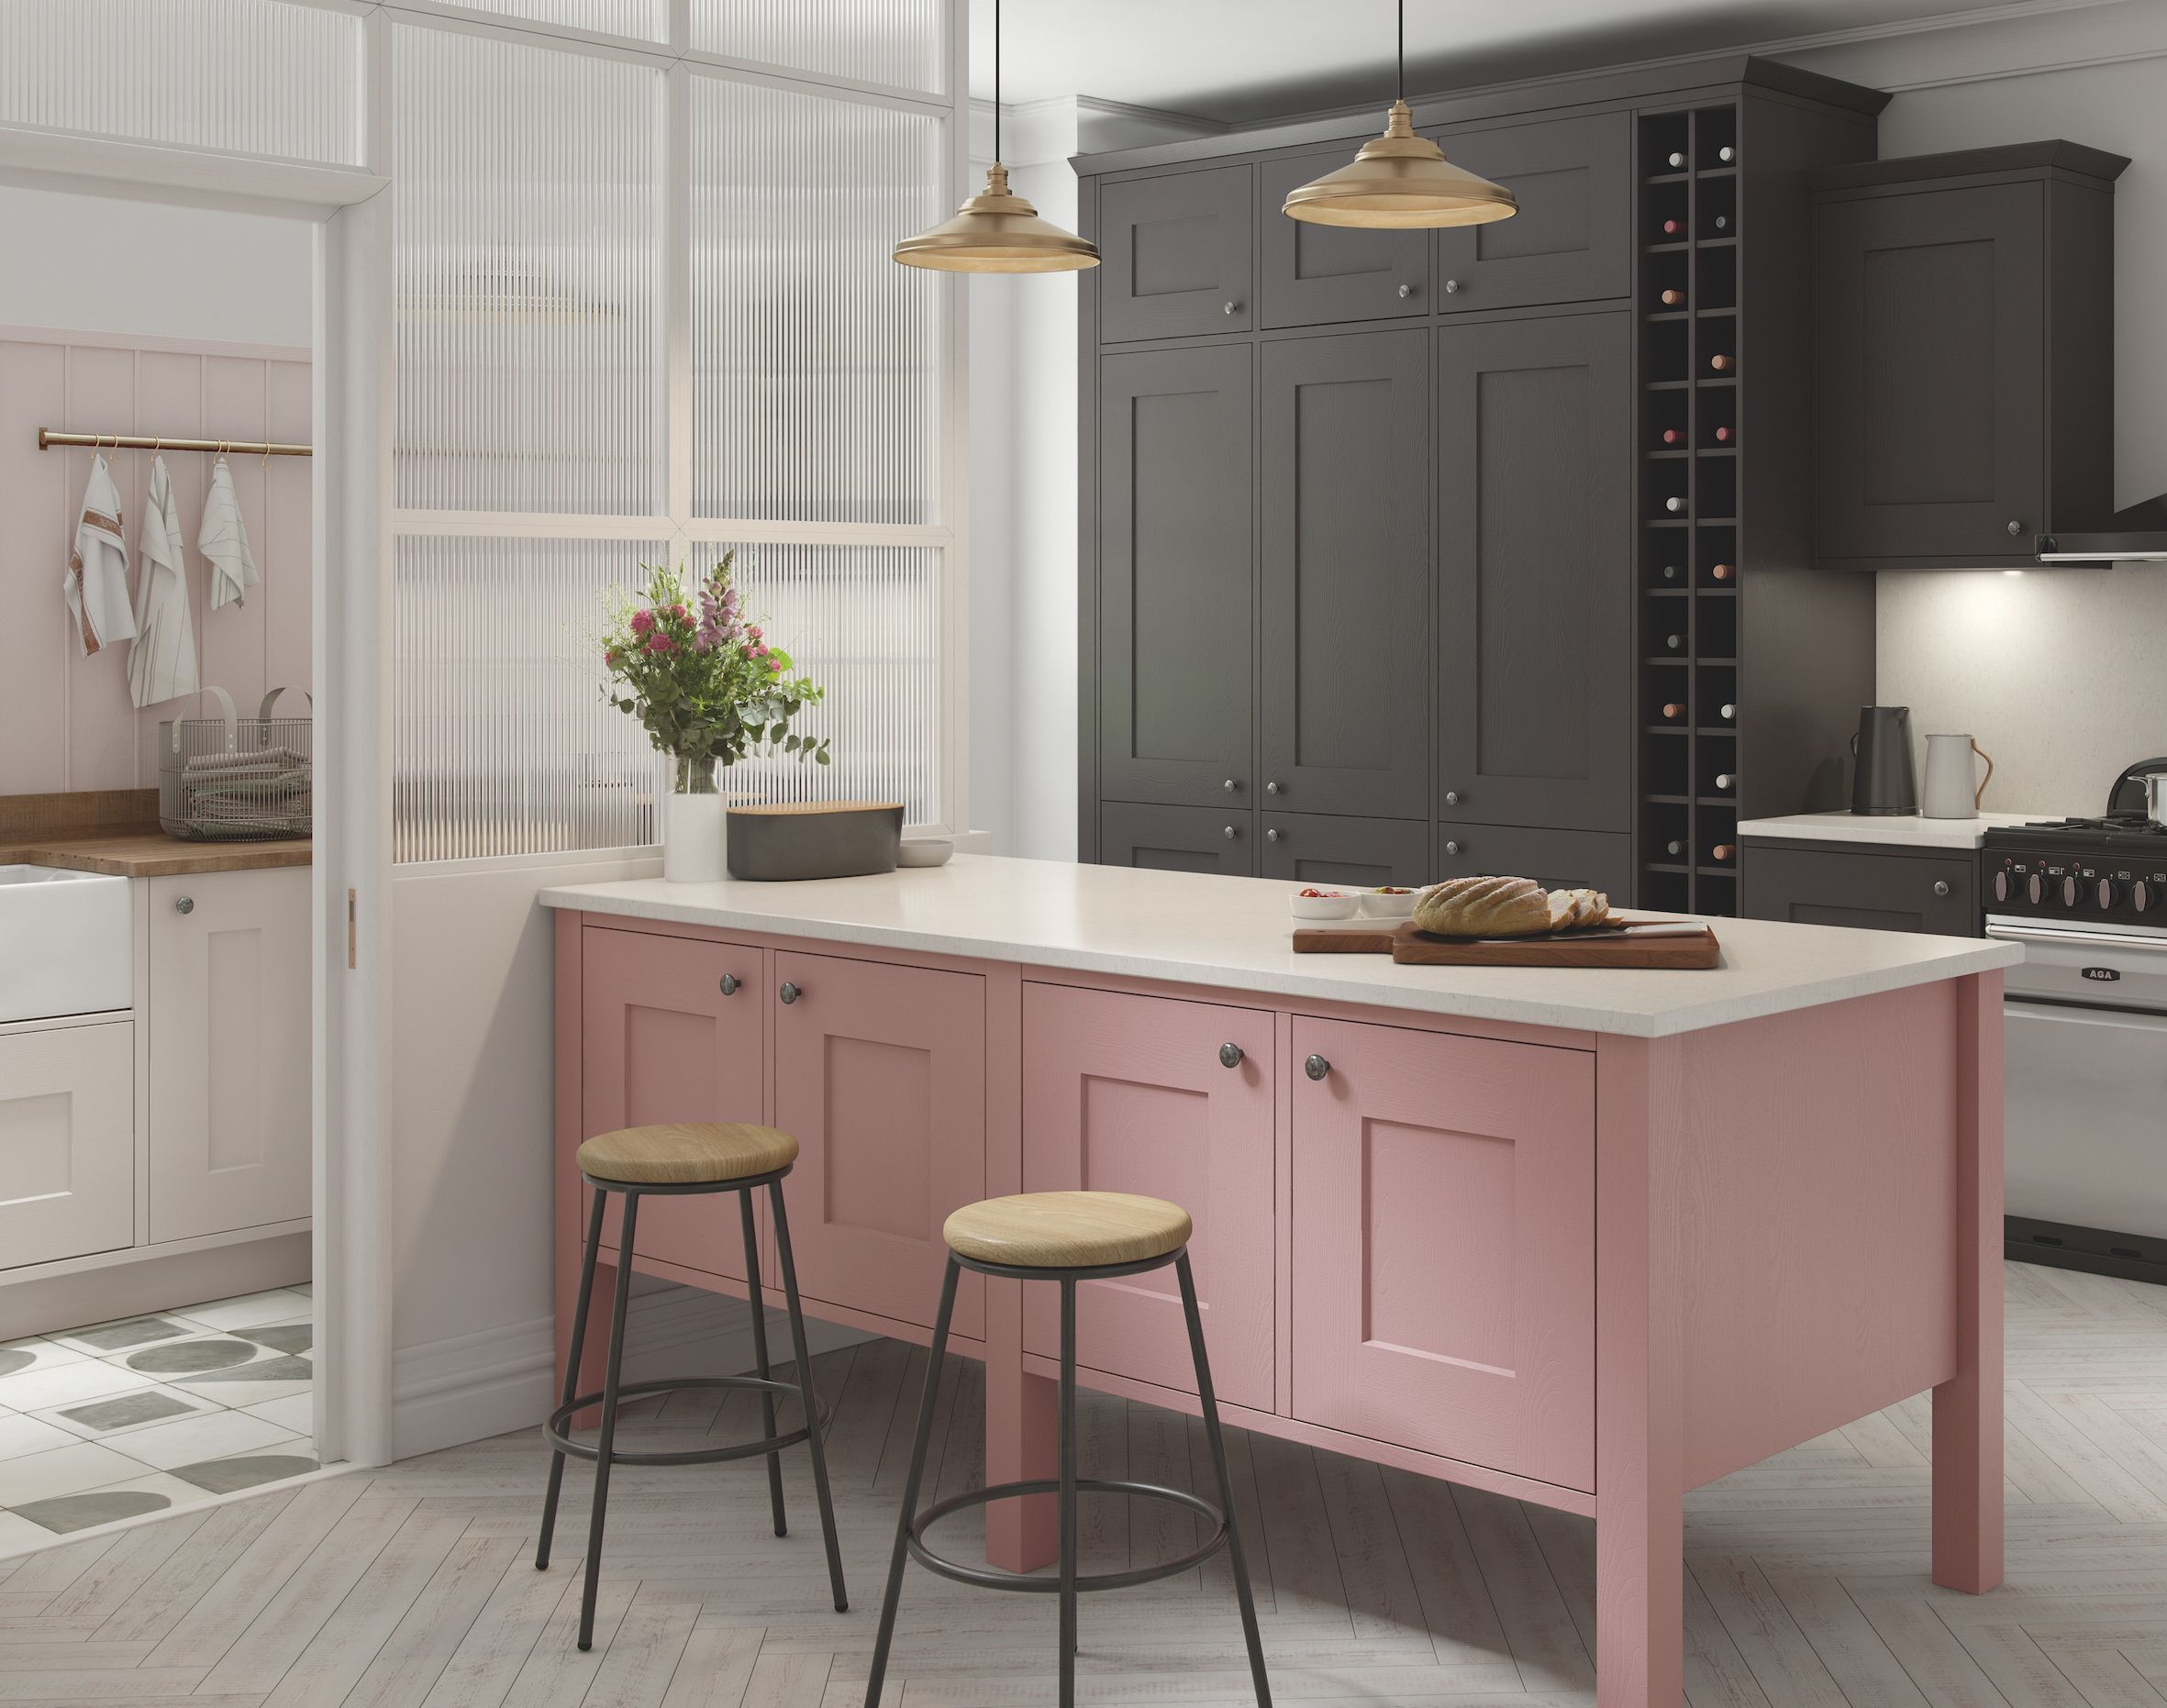 Best 28 Kitchen Cabinet Ideas To Inspire Kitchen Style 400 x 300